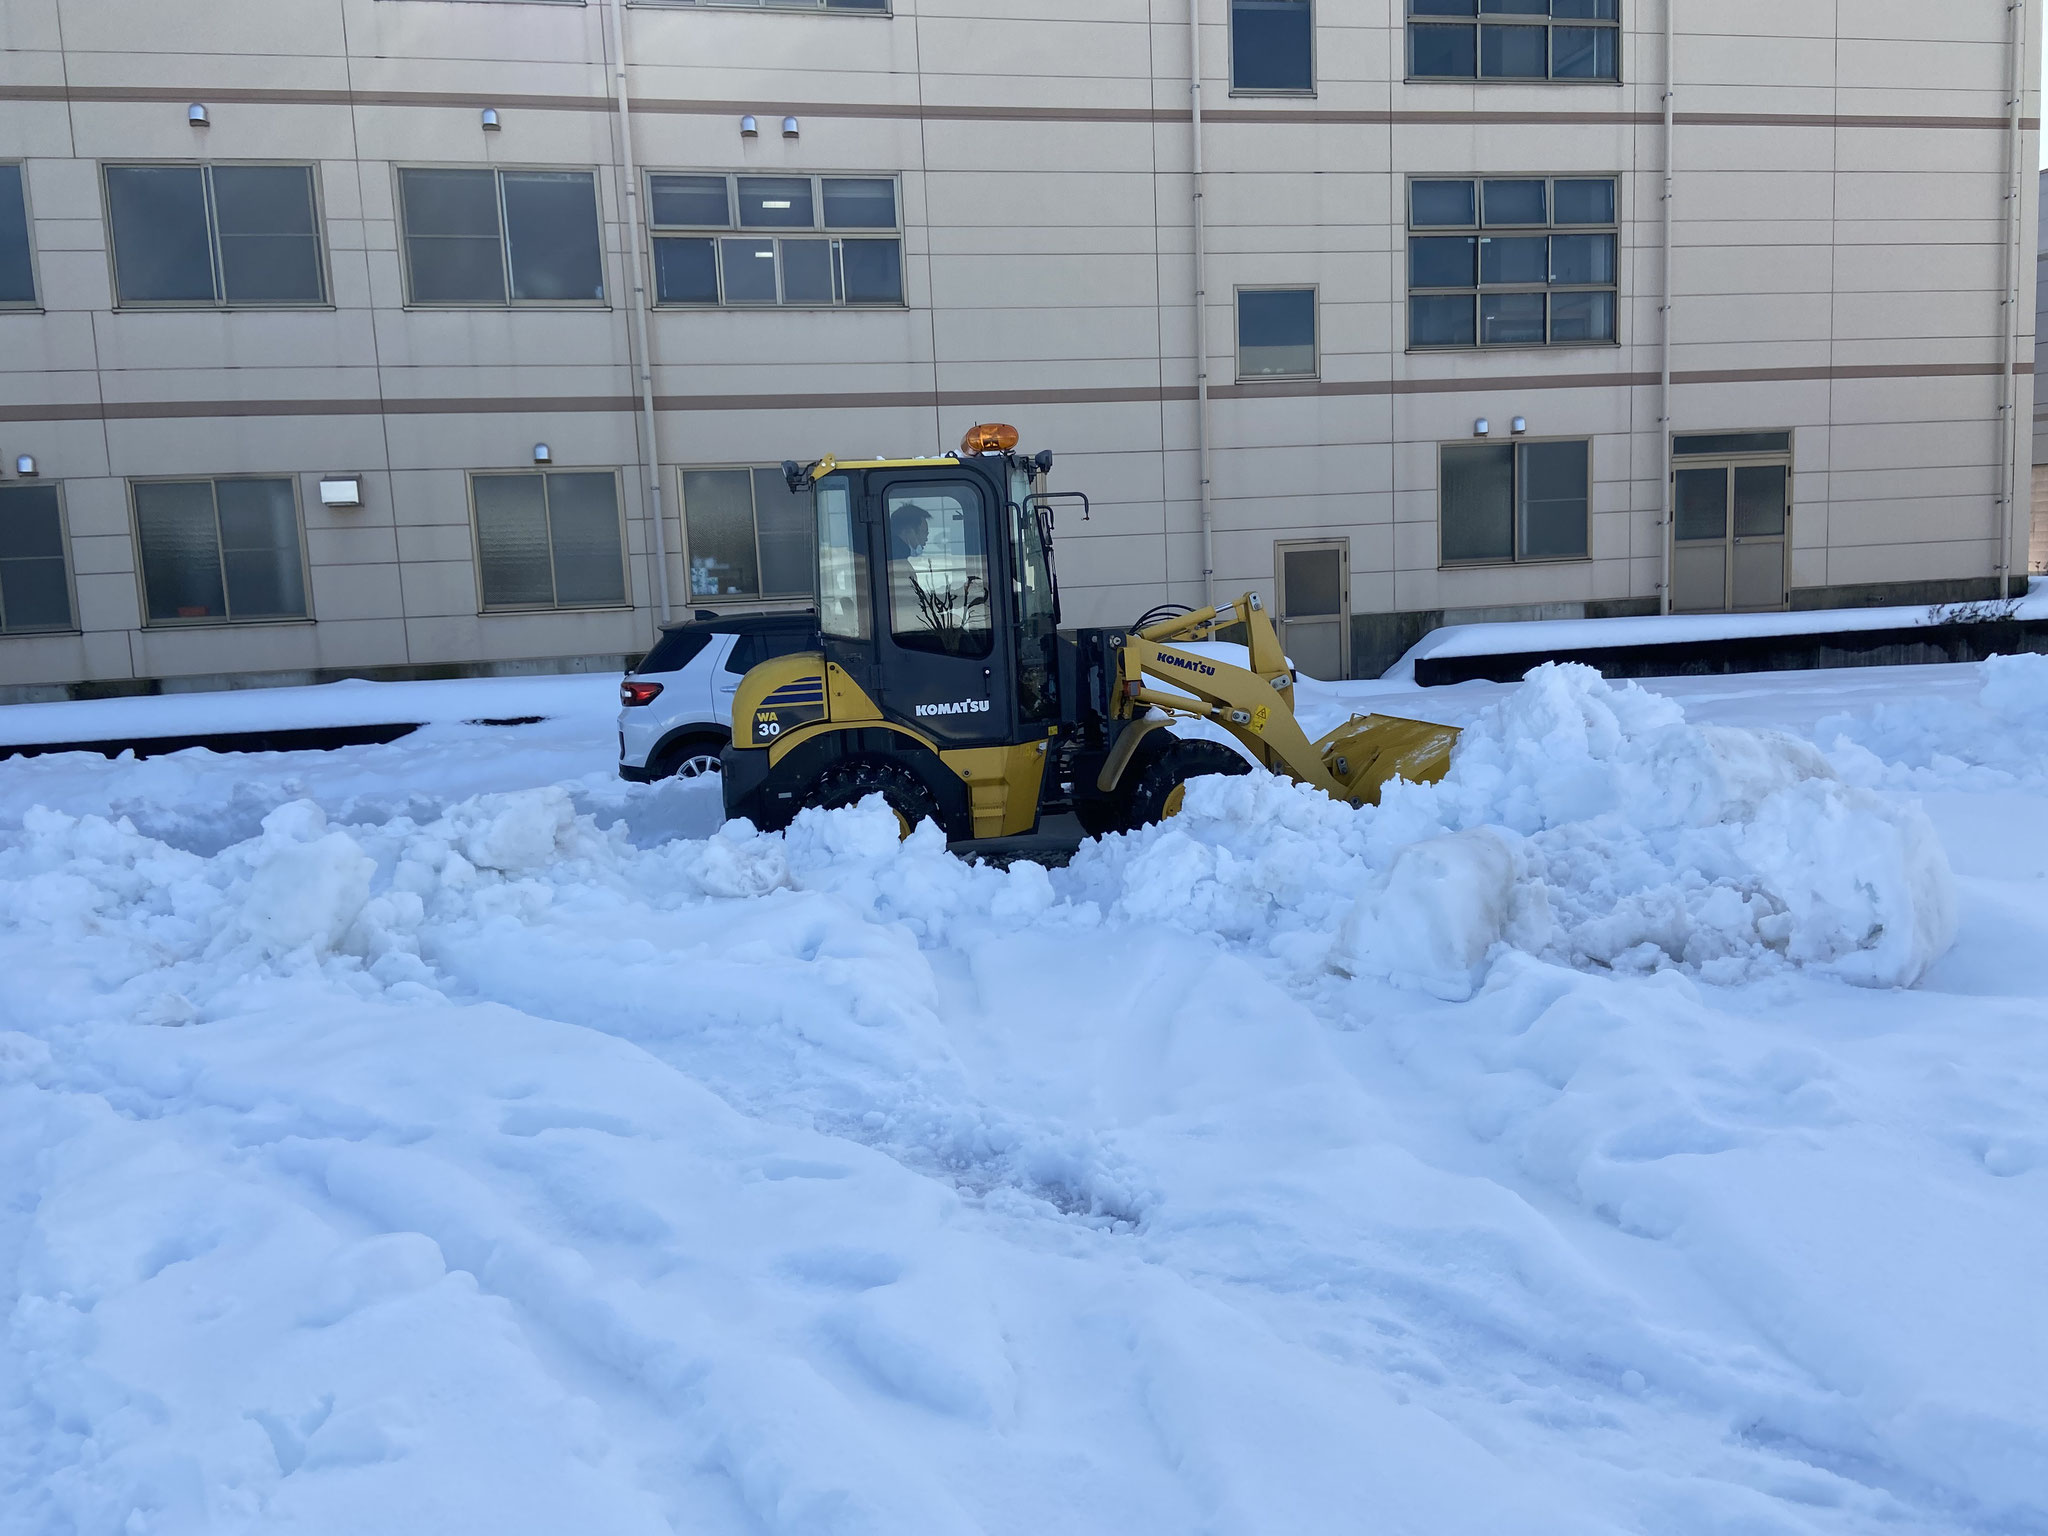 ドンドン雪を駐車場外へ運び出します。